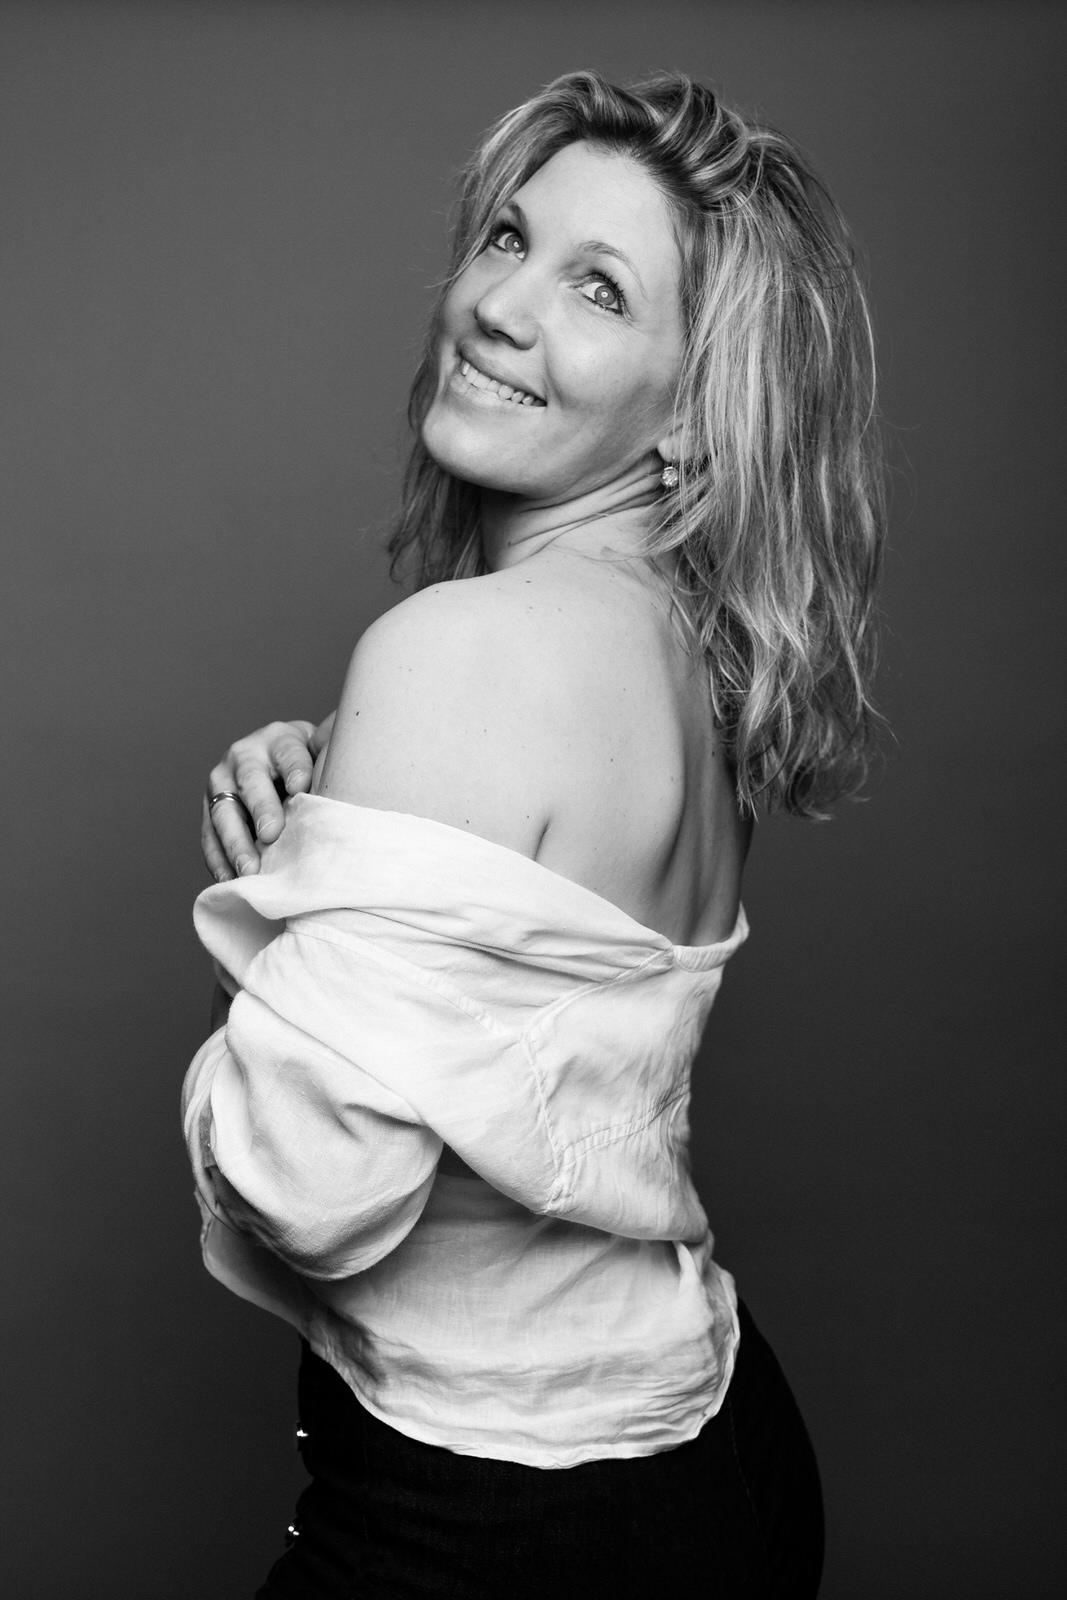 photographe portrait vaucluse